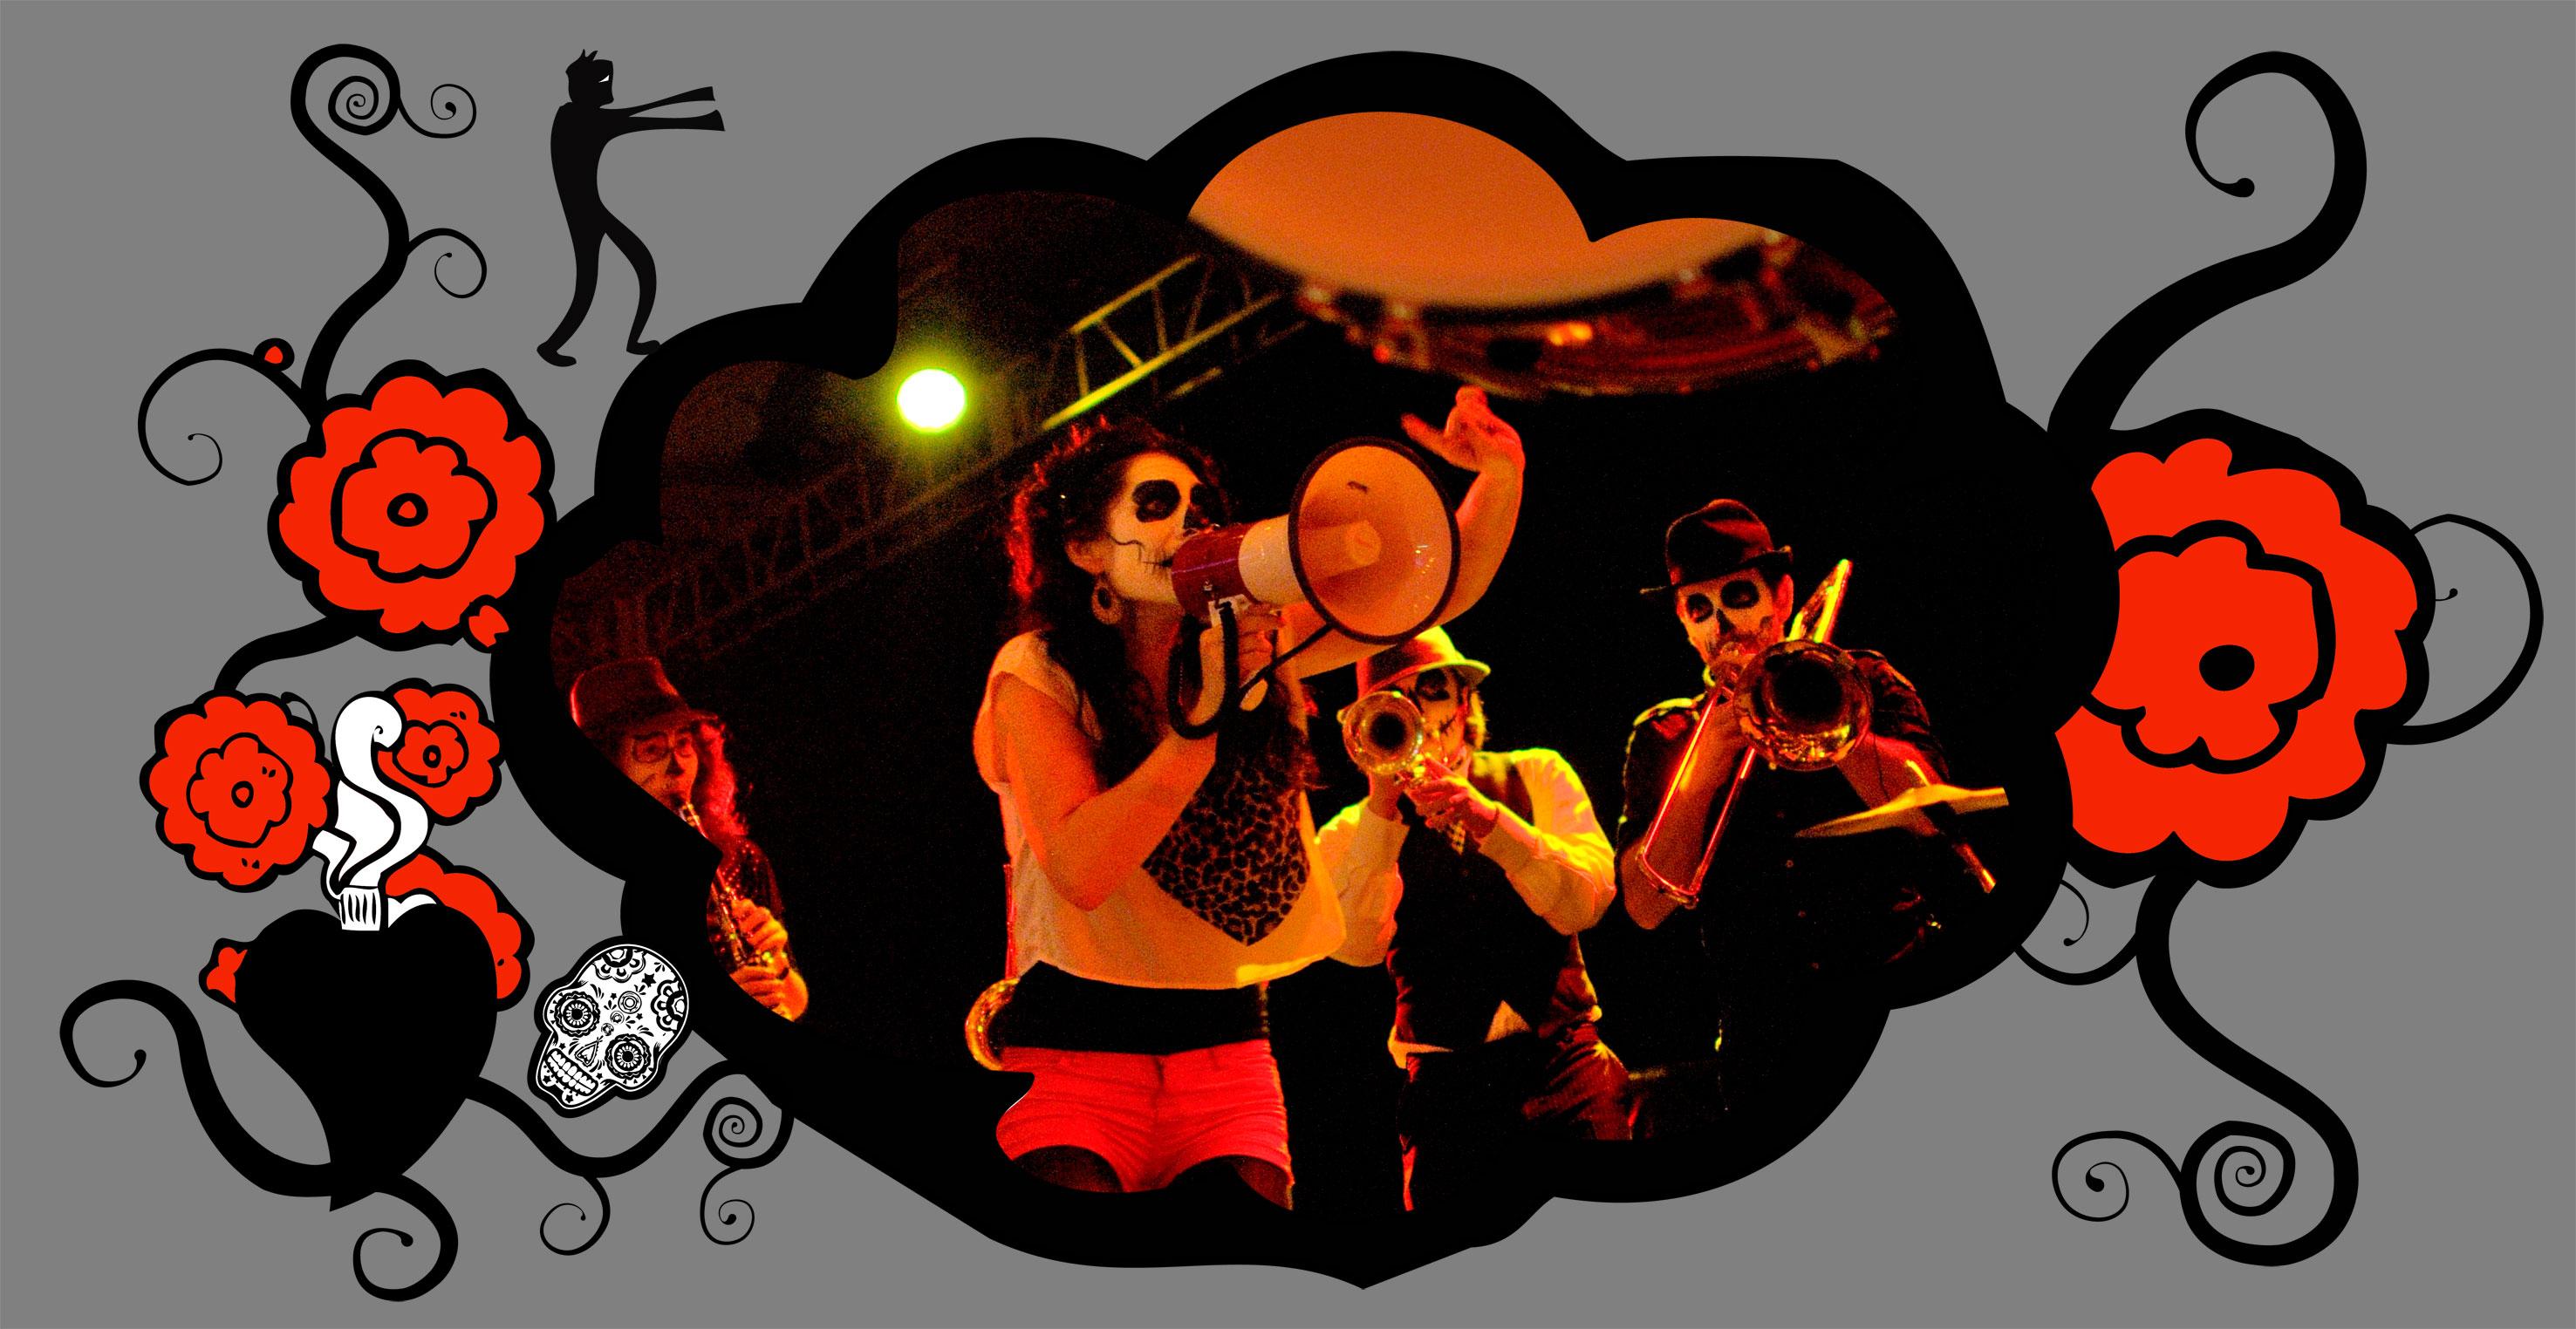 Voodoo clipart love Orchestra Voodoo Love